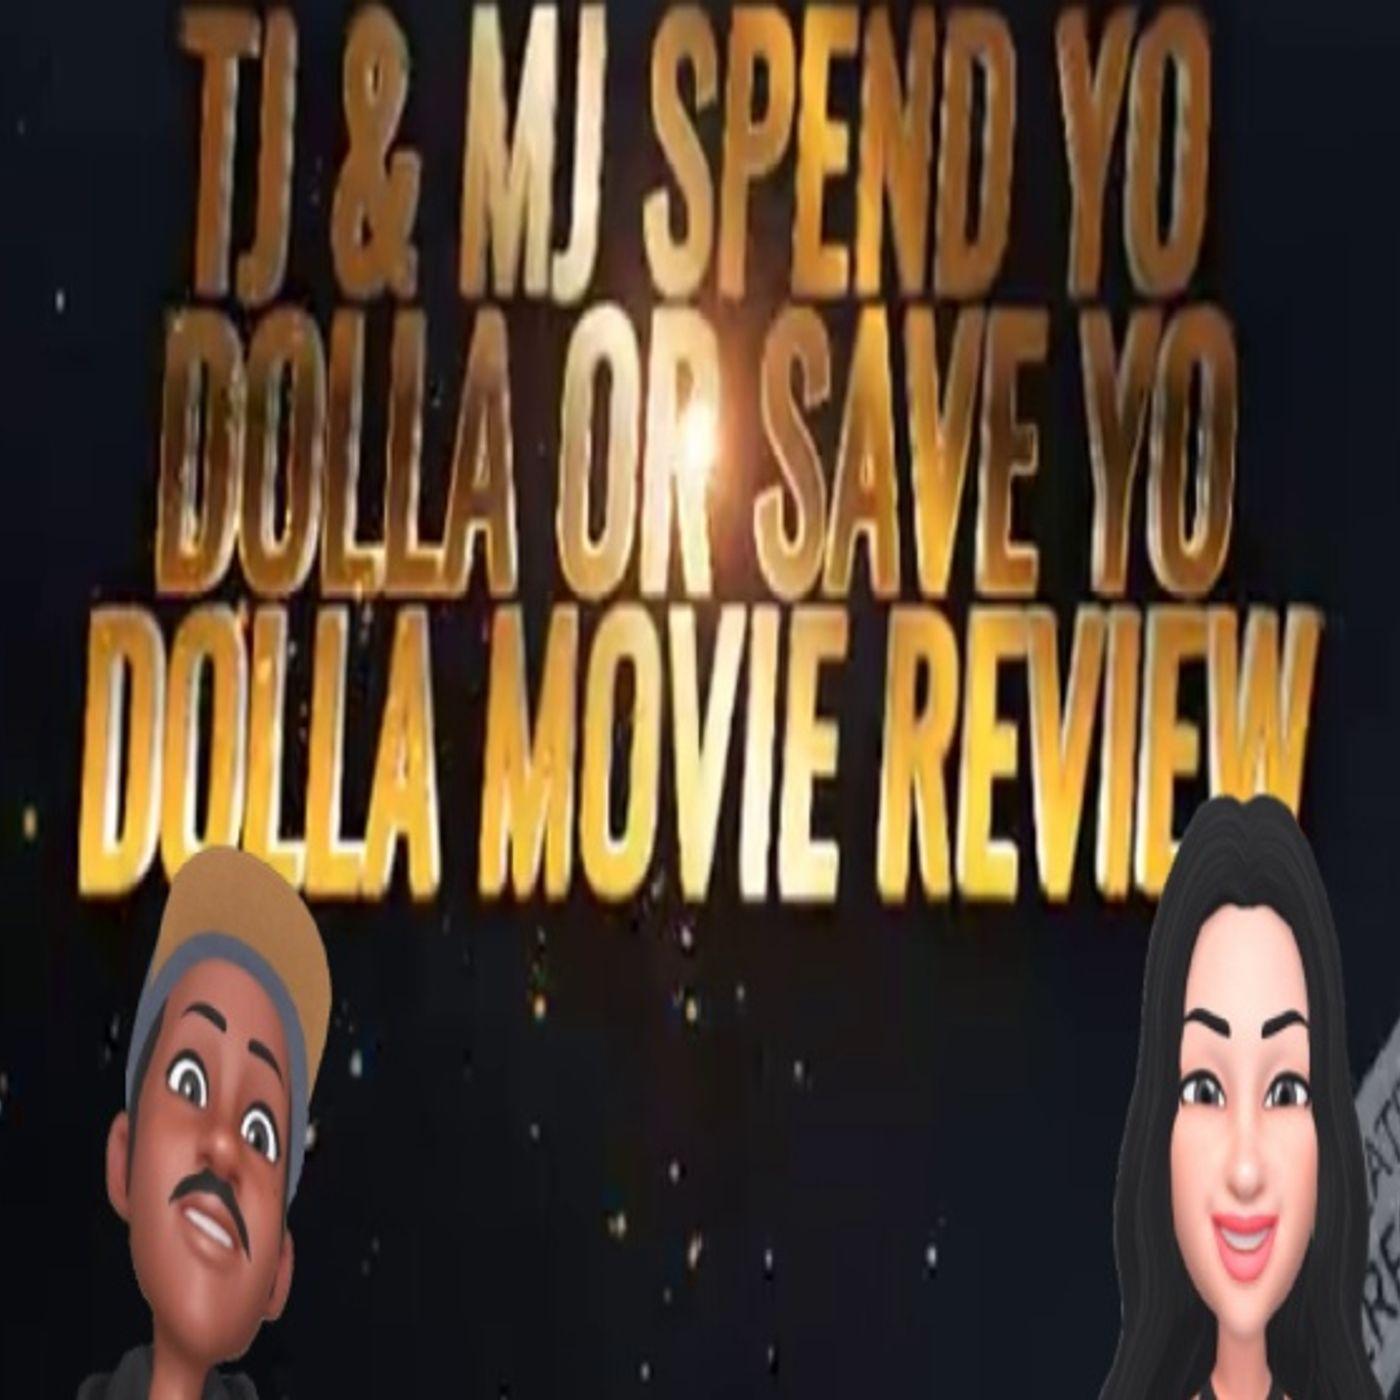 TJ&MJ Spend Yo Dolla or Save Yo Dolla Movie Reviews